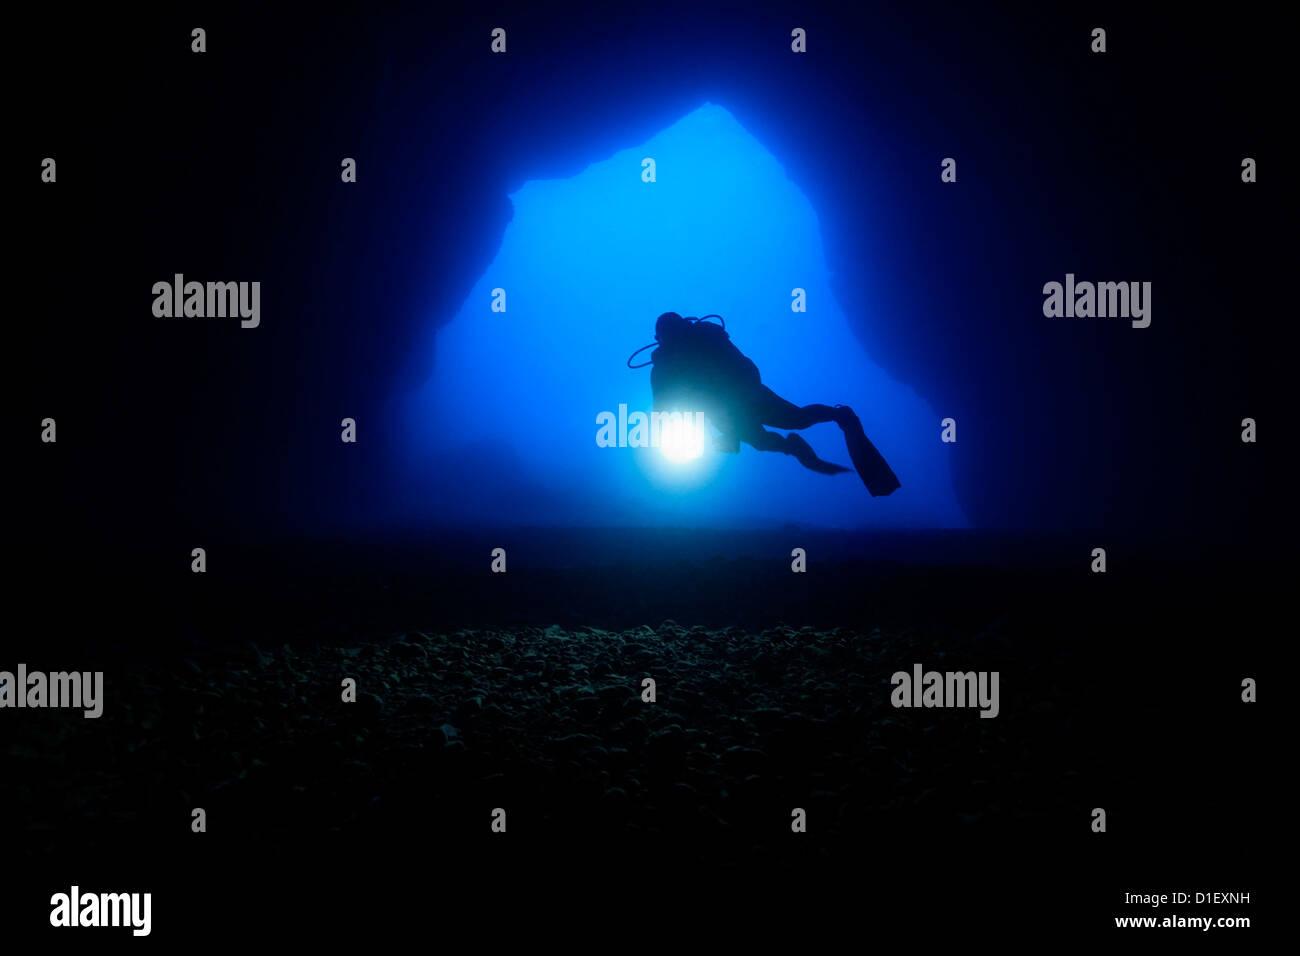 Taucher in einer Höhle, Mittelmeer in der Nähe von Gozo, Malta, unter Wasser geschossen-Eintrag Stockbild